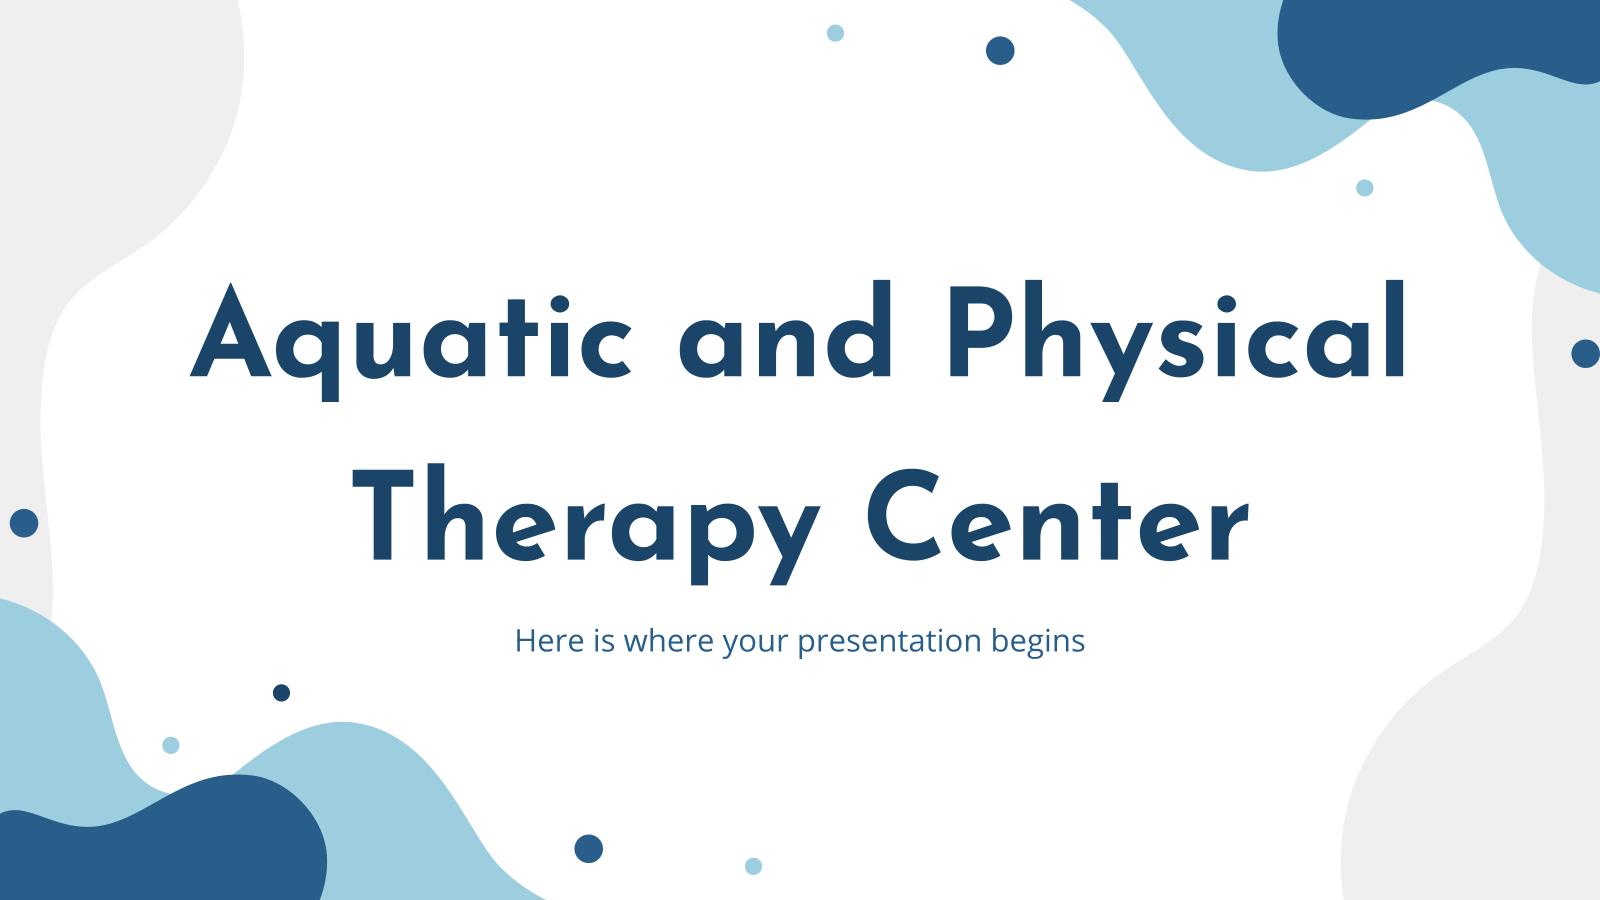 Centre de thérapie aquatique et physique : Modèles de présentation